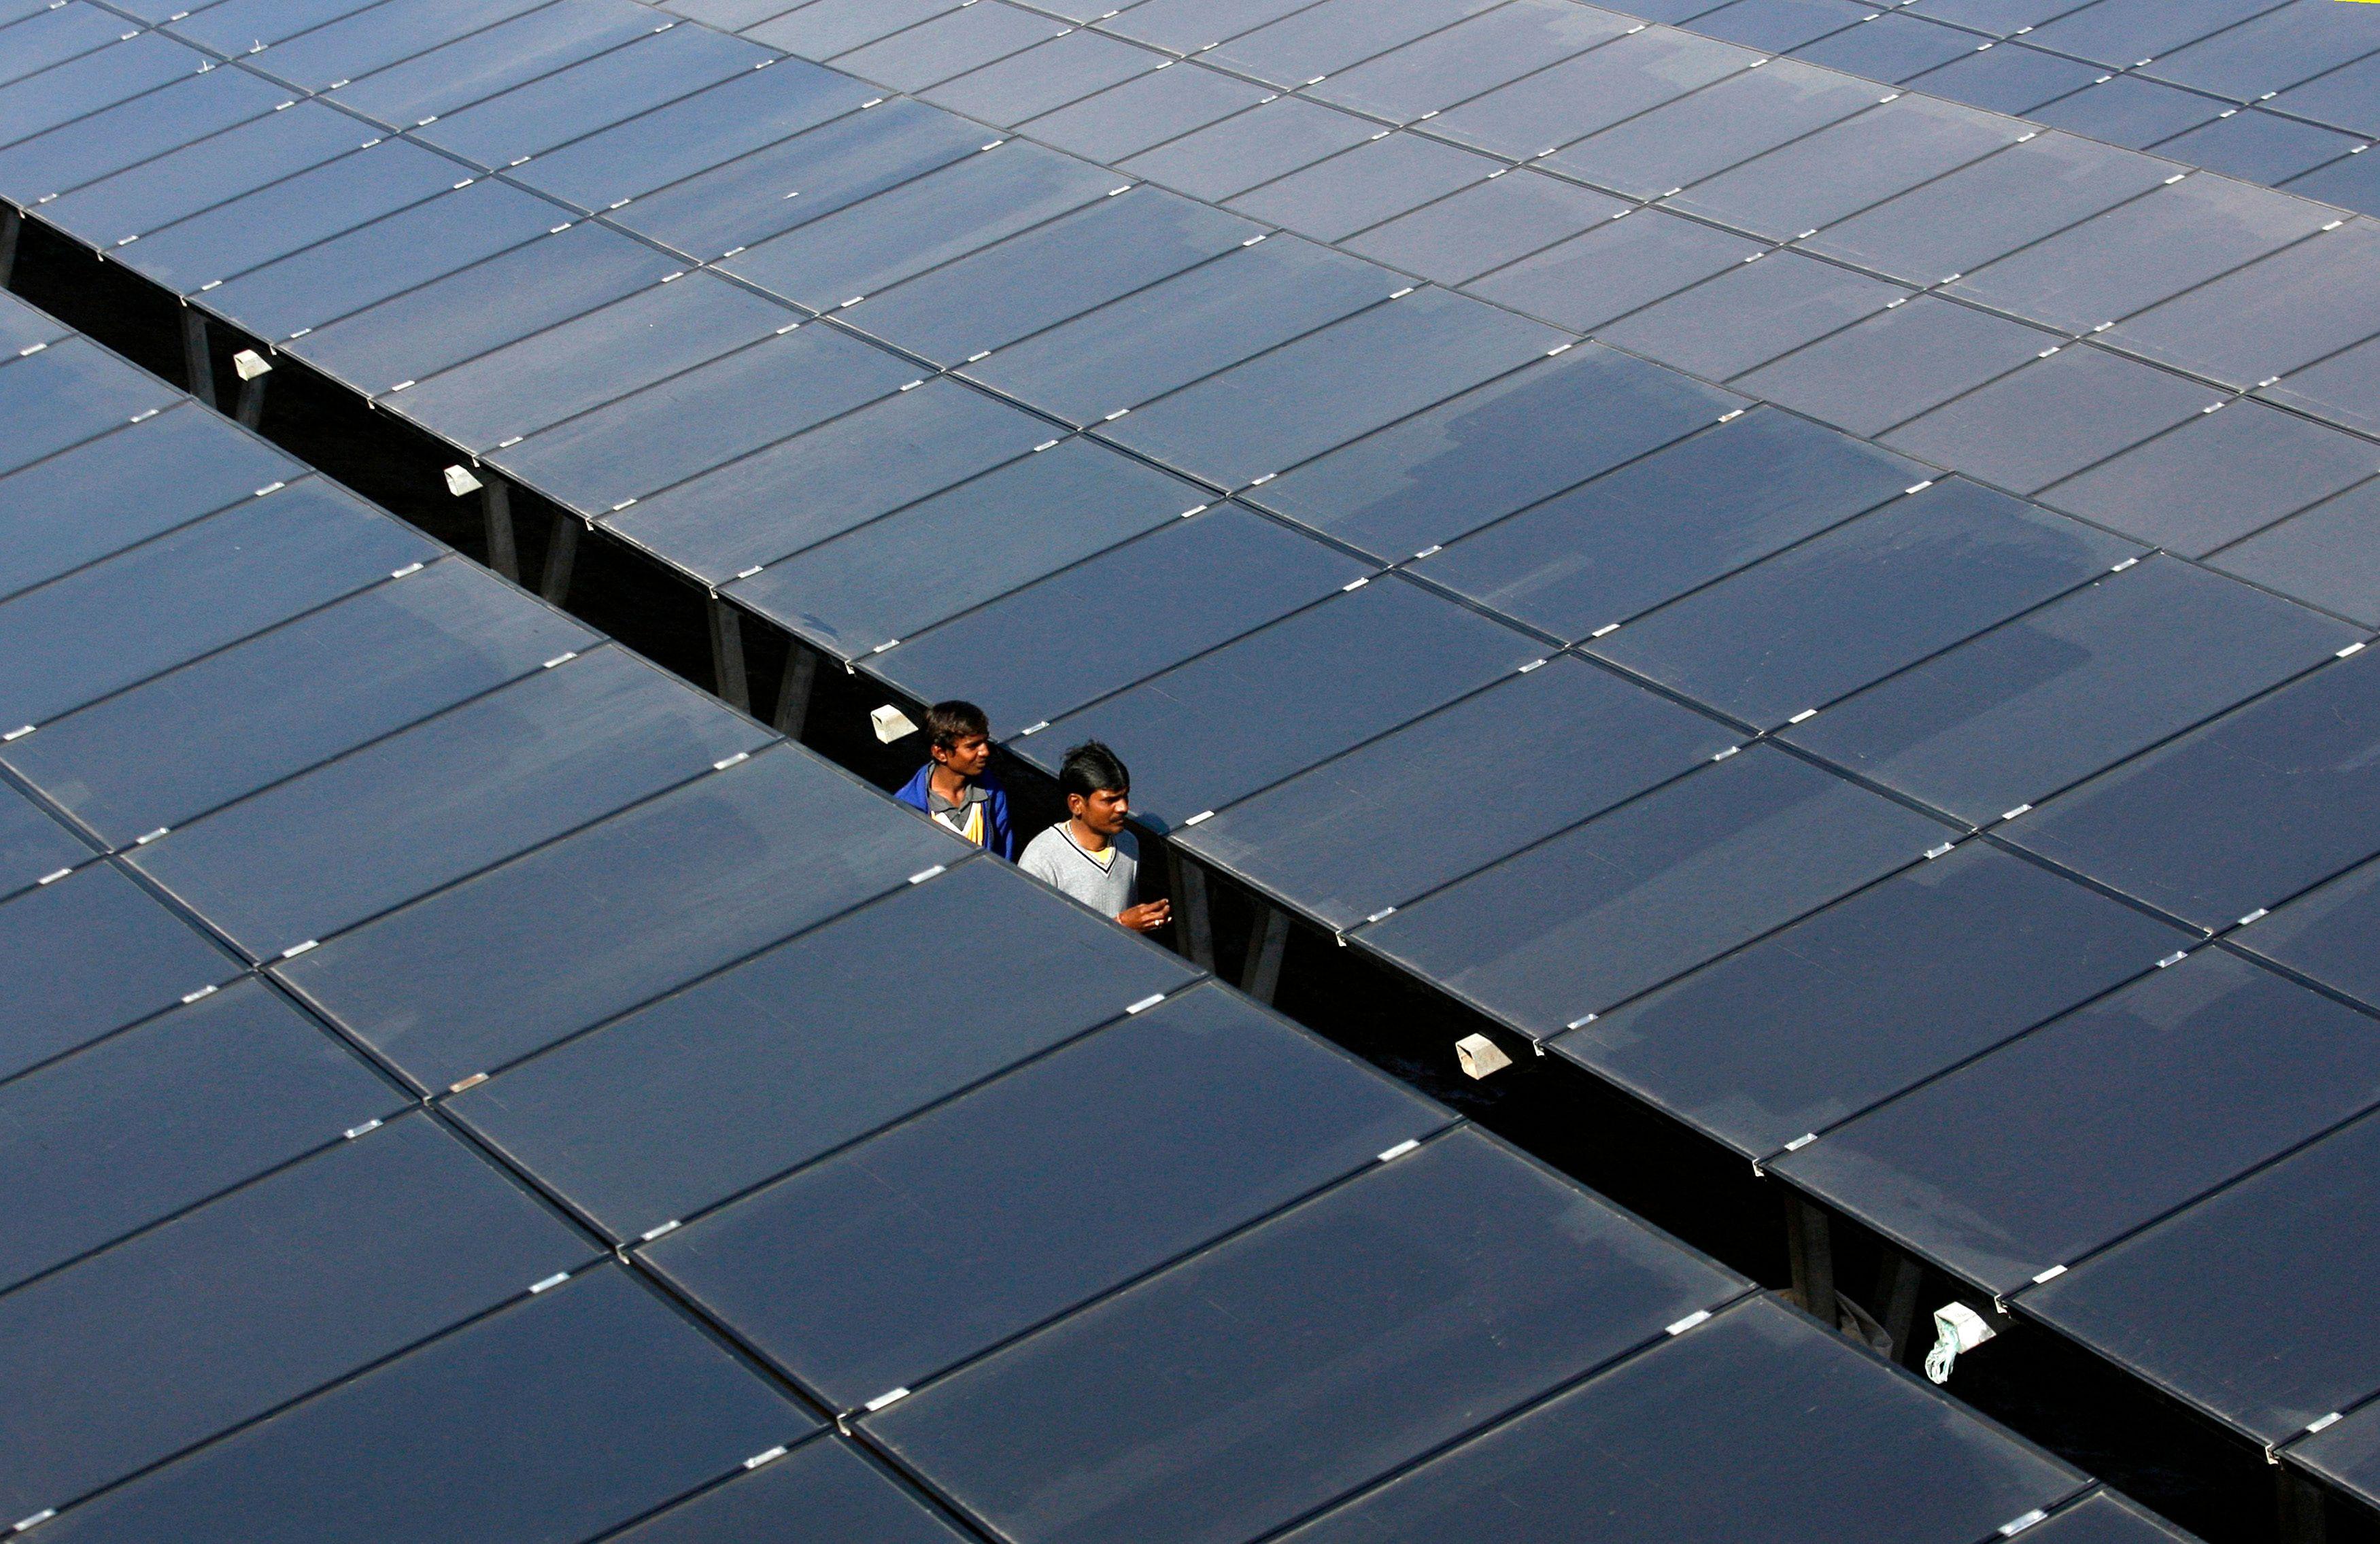 En 2025, l'énergie photovoltaïque sera la plus grande ressource de la planète